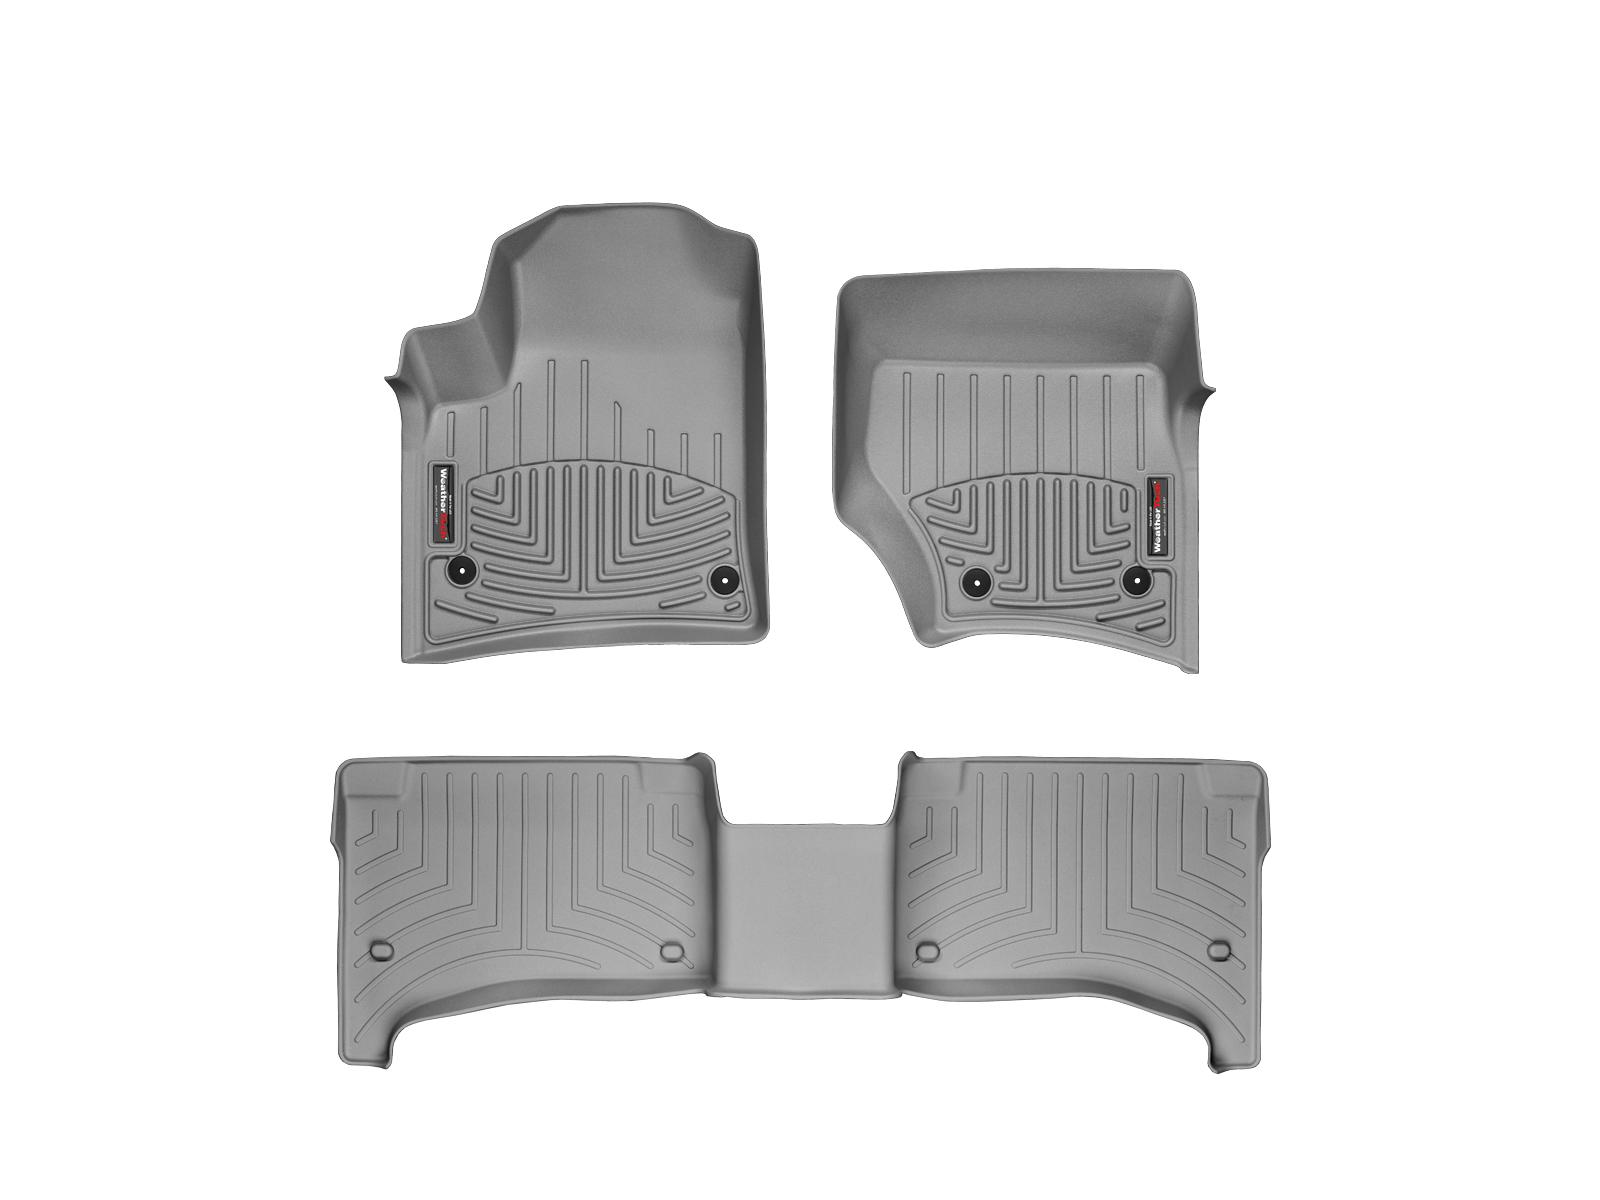 Tappeti gomma su misura bordo alto Porsche® Cayenne® 07>08 Grigio A3108